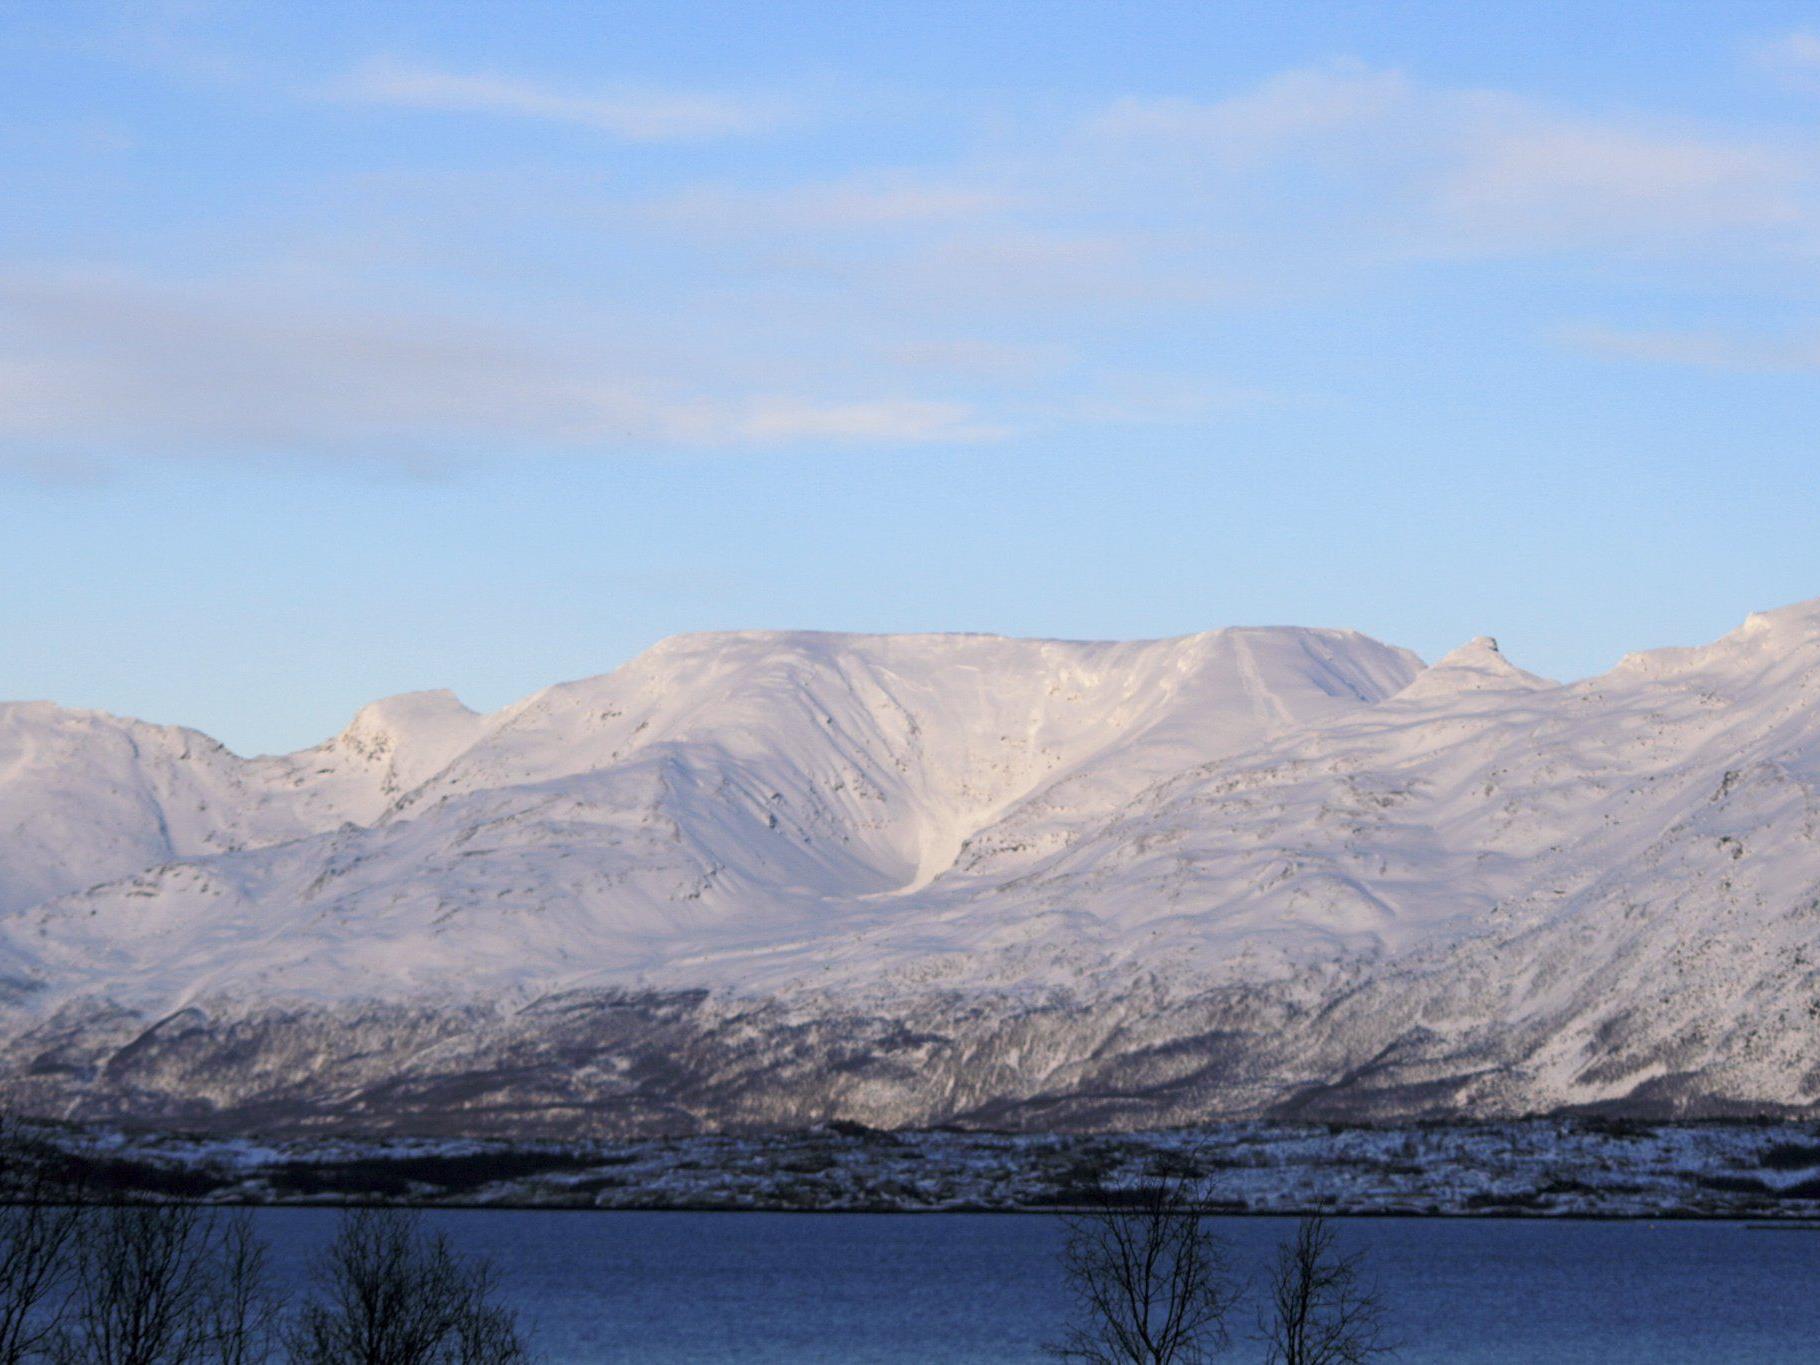 """Der Name """"Sorbmegaisa"""" bedeutet in der Sprache Lapplands """"sehr gefährlicher Berg""""."""